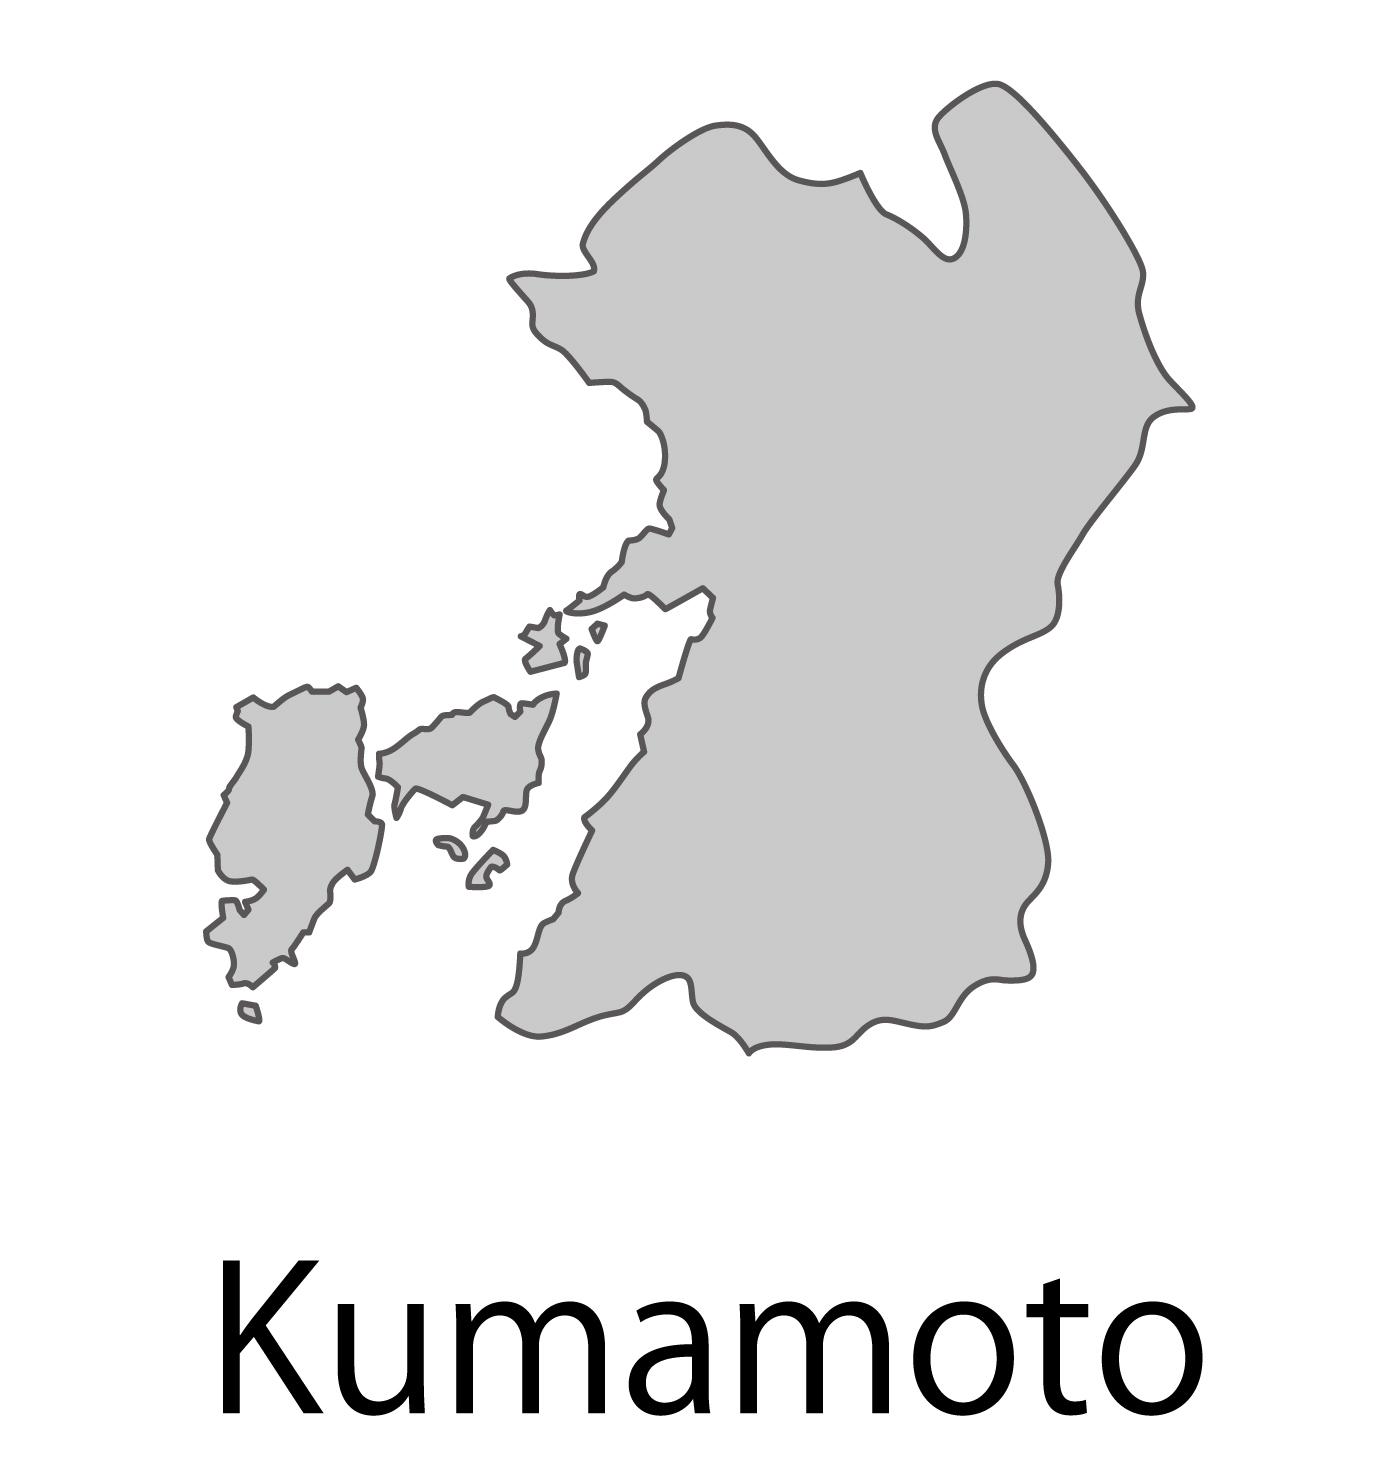 熊本県無料フリーイラスト|英語・都道府県名あり(グレー)